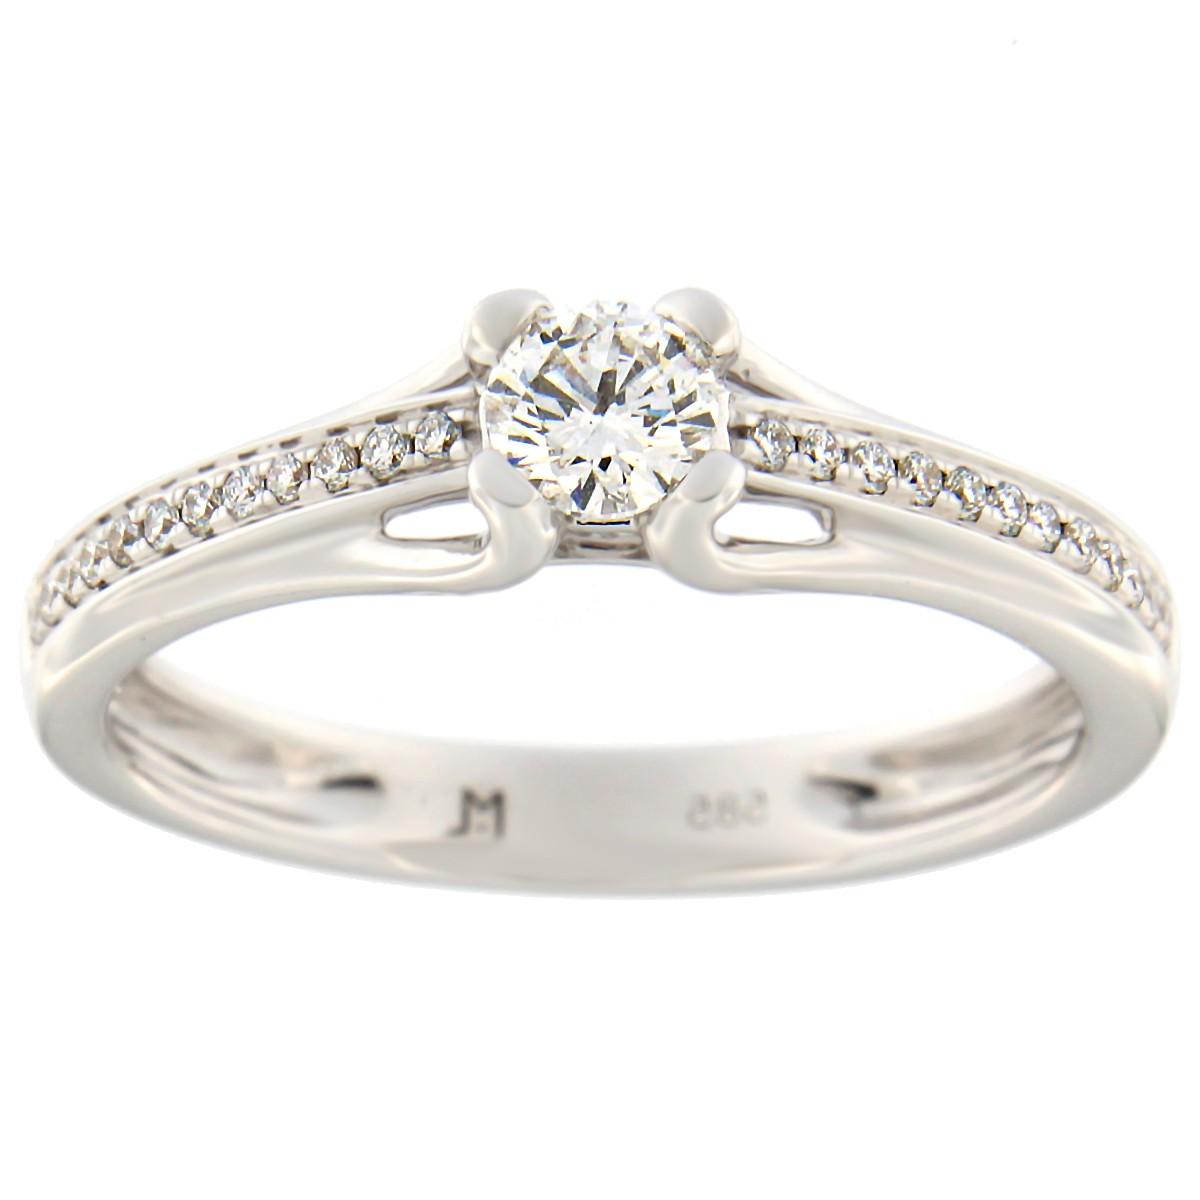 Kullast sõrmus teemantidega 0,32 ct. Kood: 92at